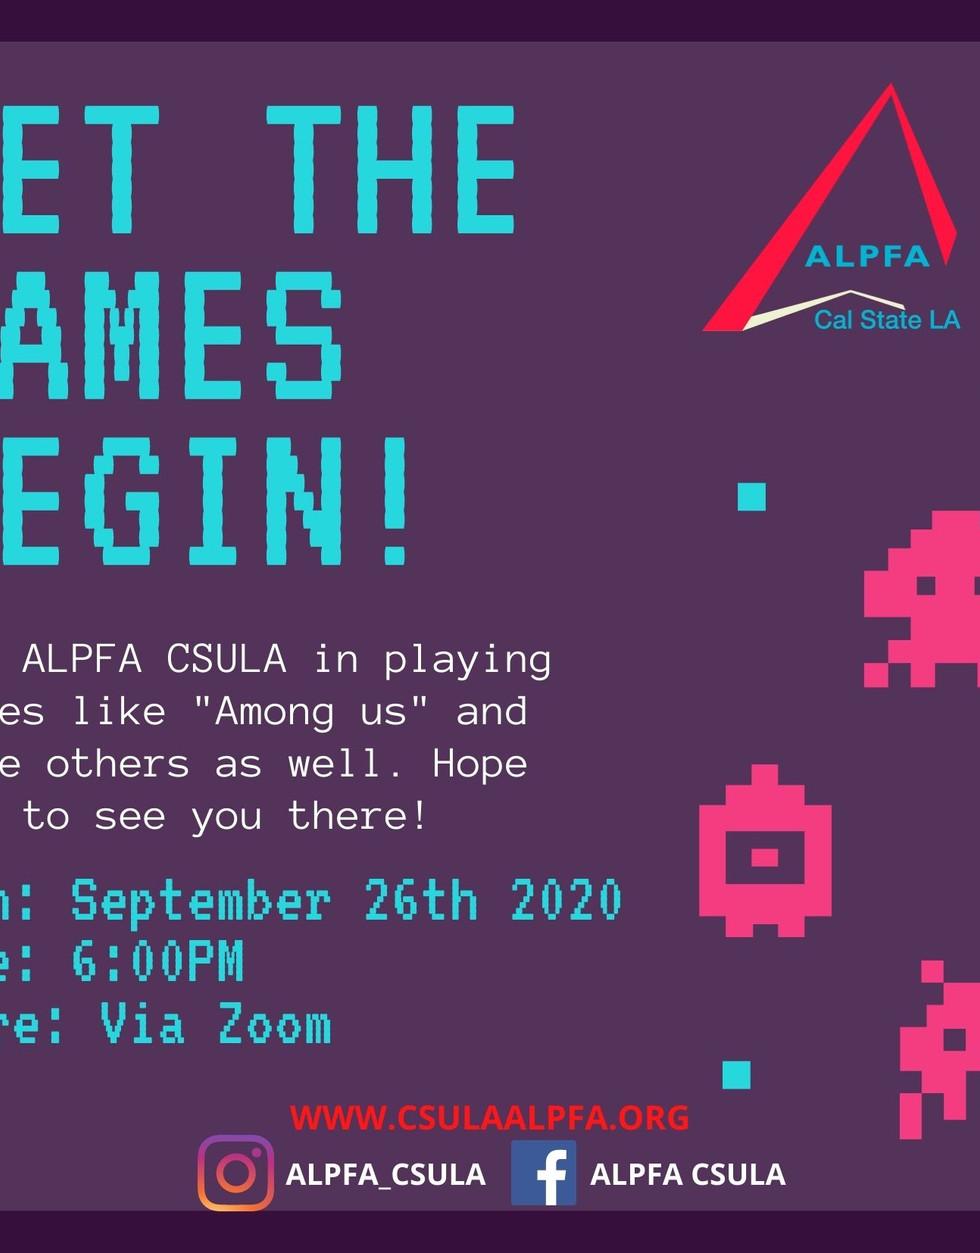 ALPFA GAME NIGHT SOCIAL